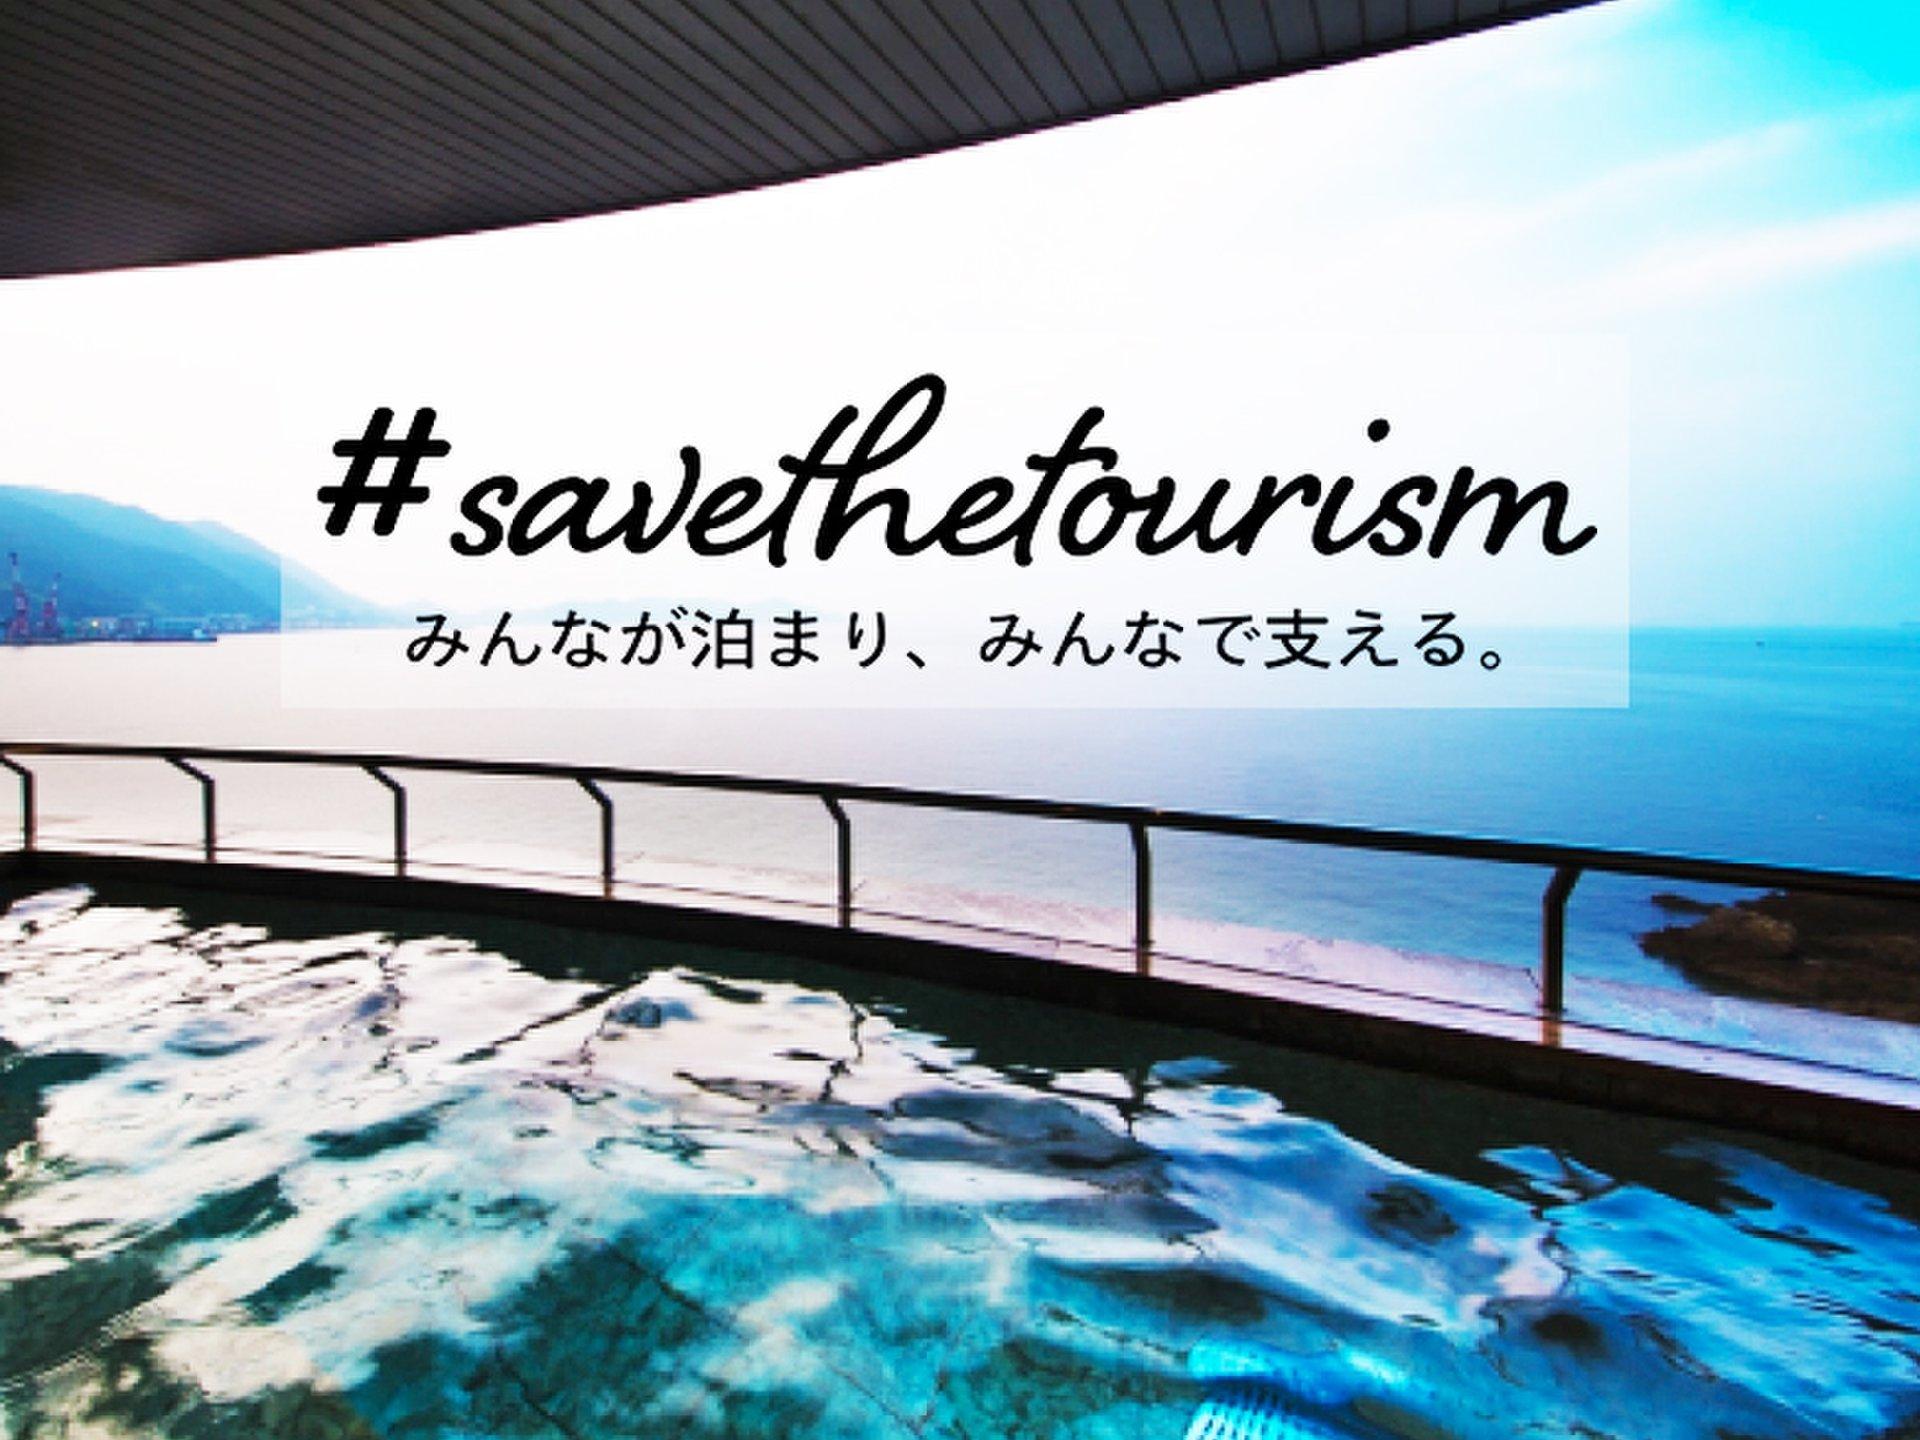 中国・九州エリアの絶景に出会えるお宿 「#savethetourism」で支援しよう!